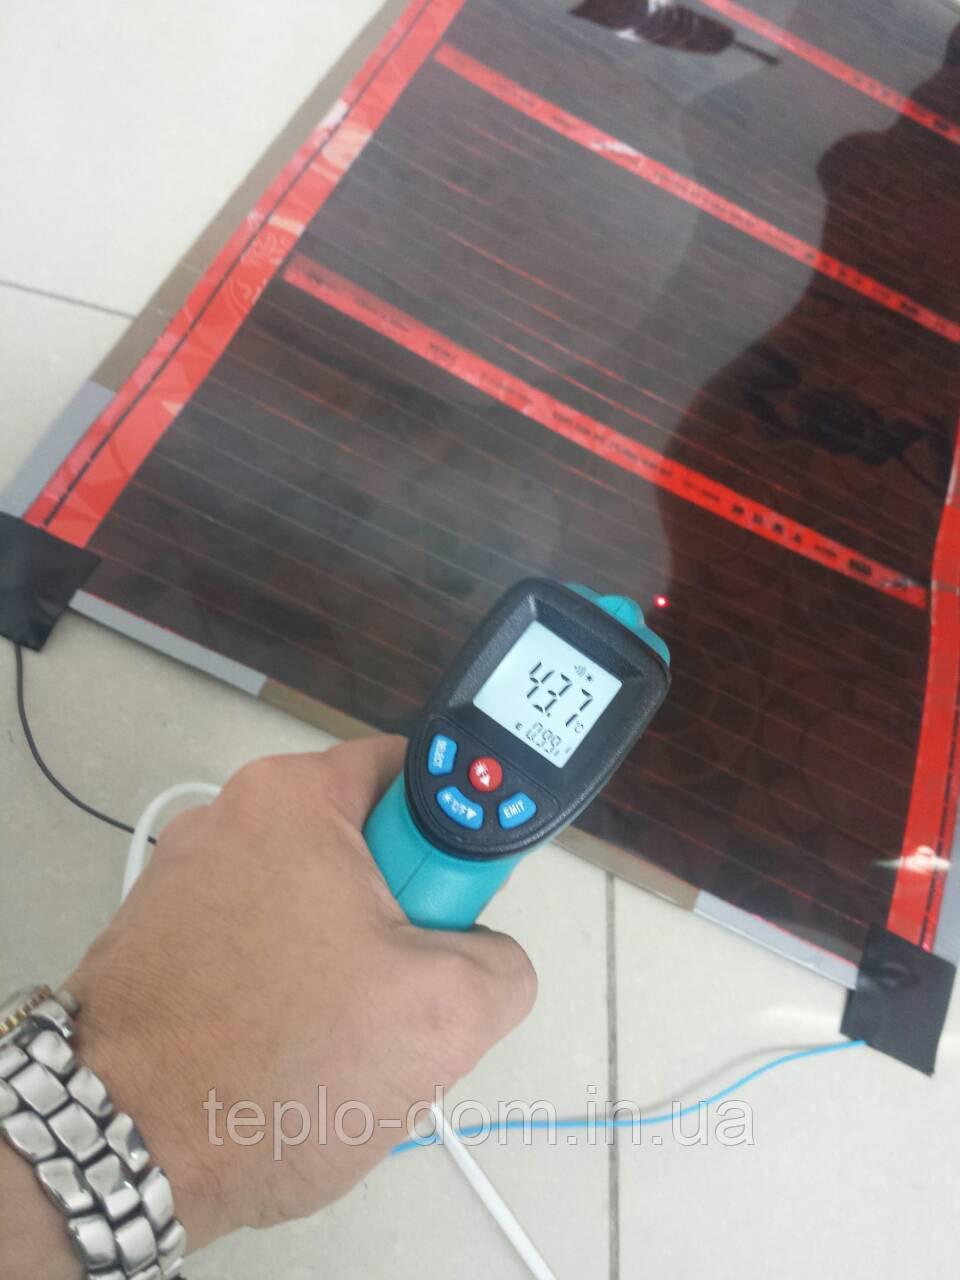 Нагревательная пленка Rexva 0,50x1,25 (cаморегулирующаяся ),